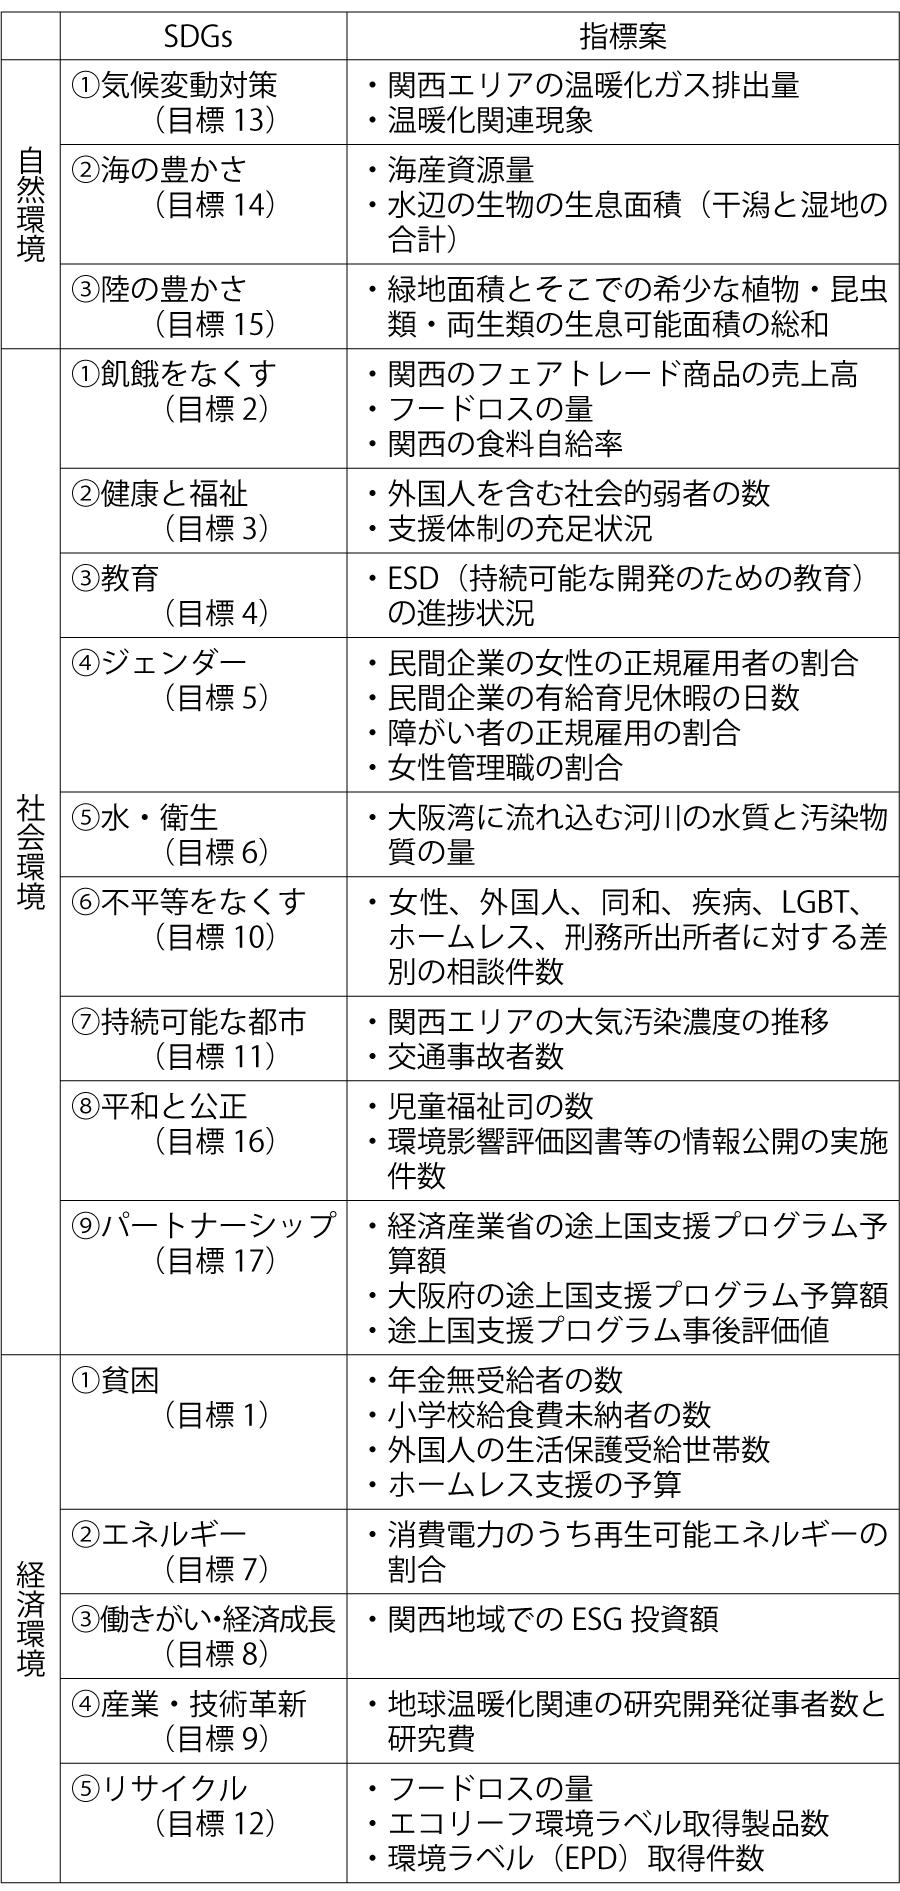 表3 大阪万博における持続可能性評価指標の提案